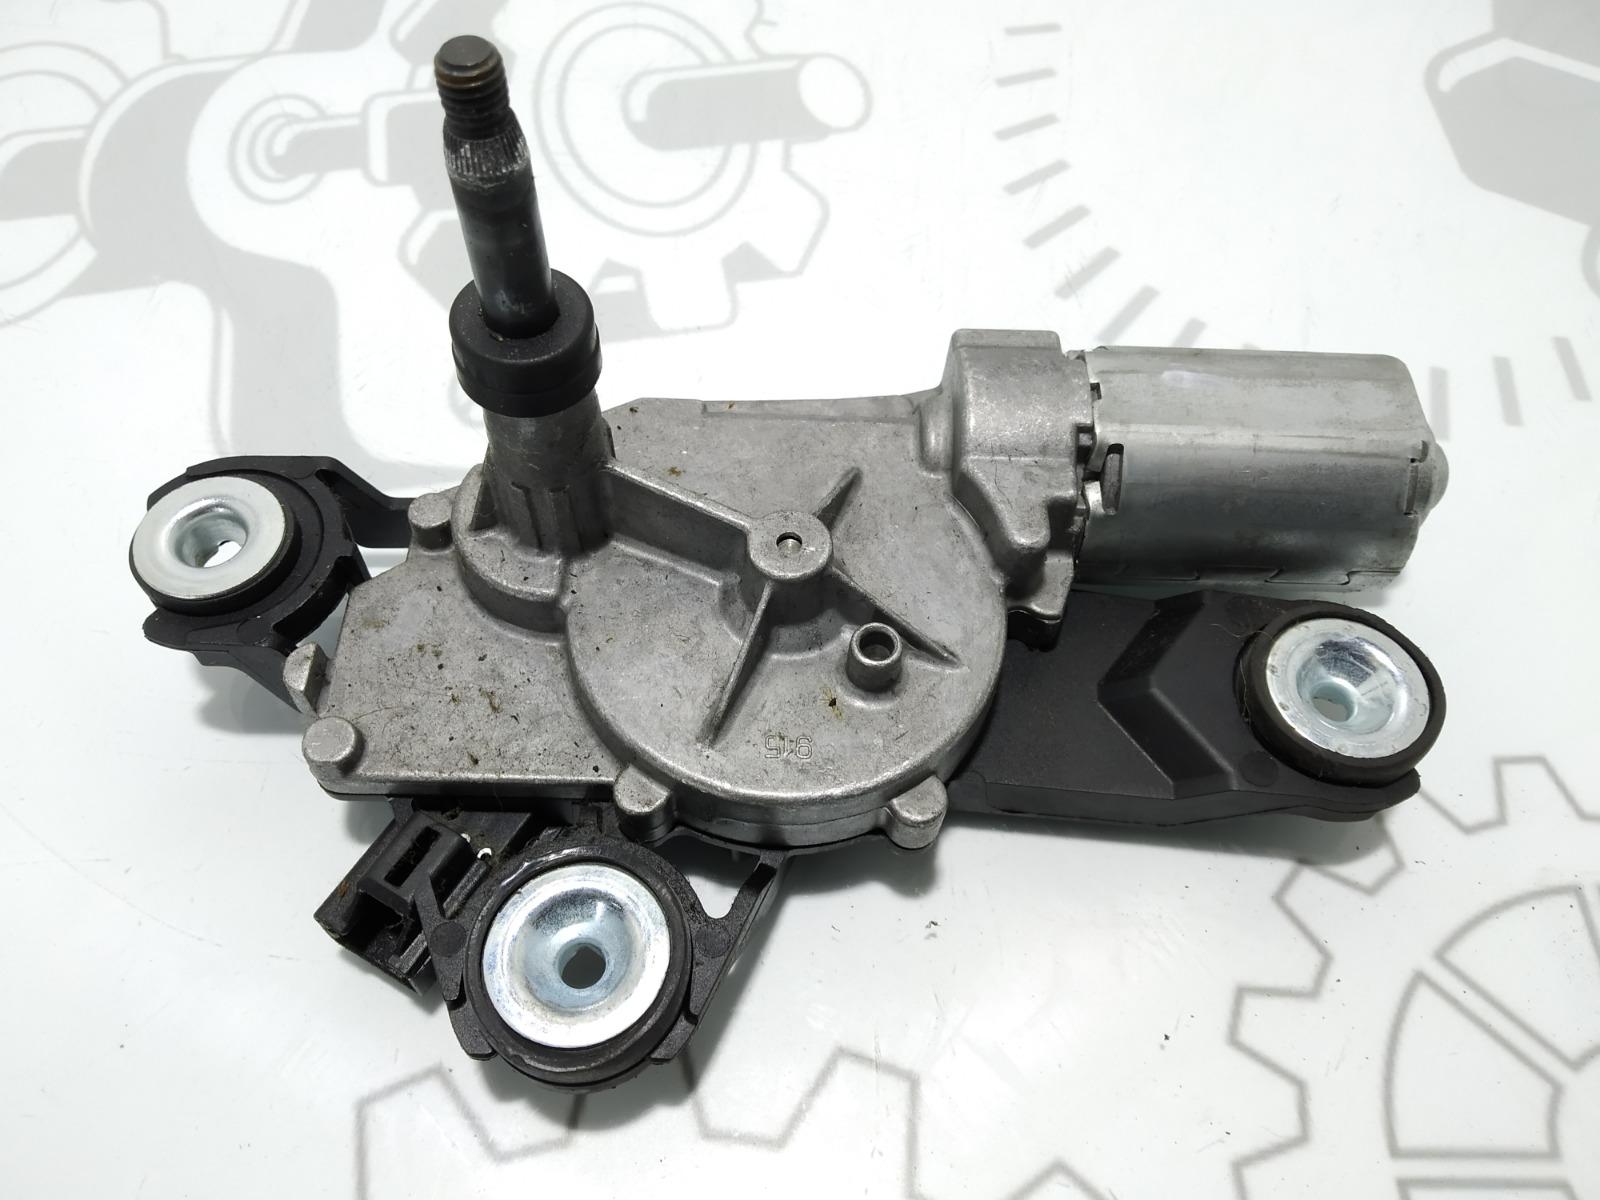 Моторчик заднего стеклоочистителя (дворника) Mazda 3 BK 1.6 I 2005 (б/у)